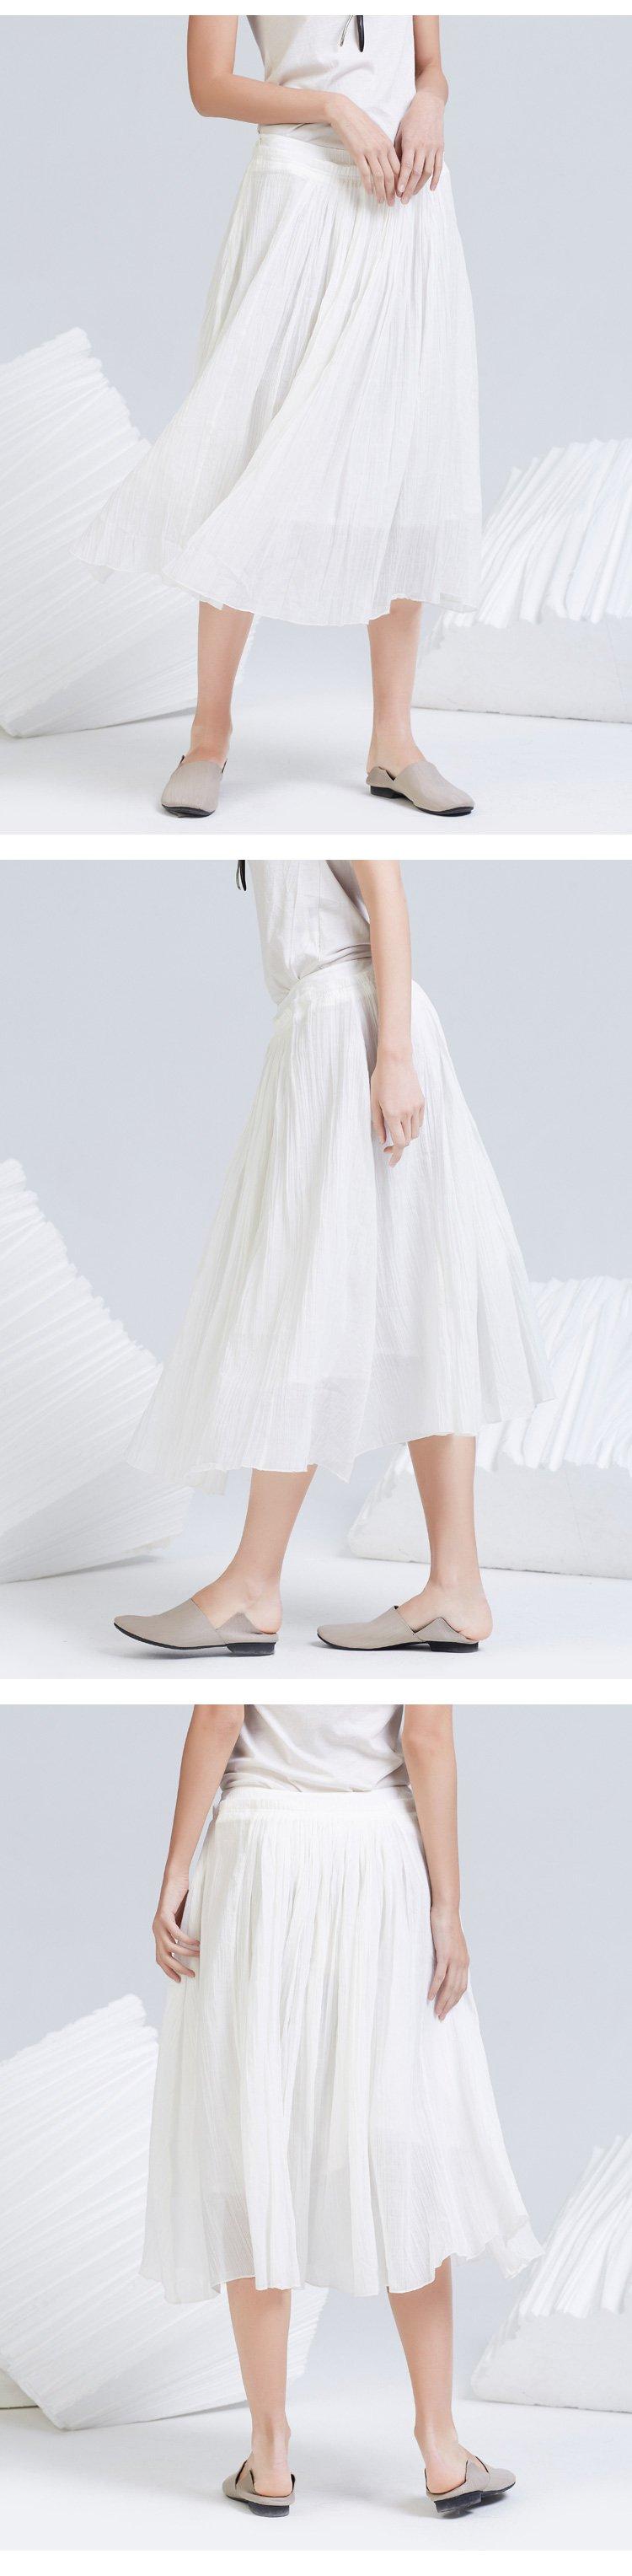 百搭时尚裙子